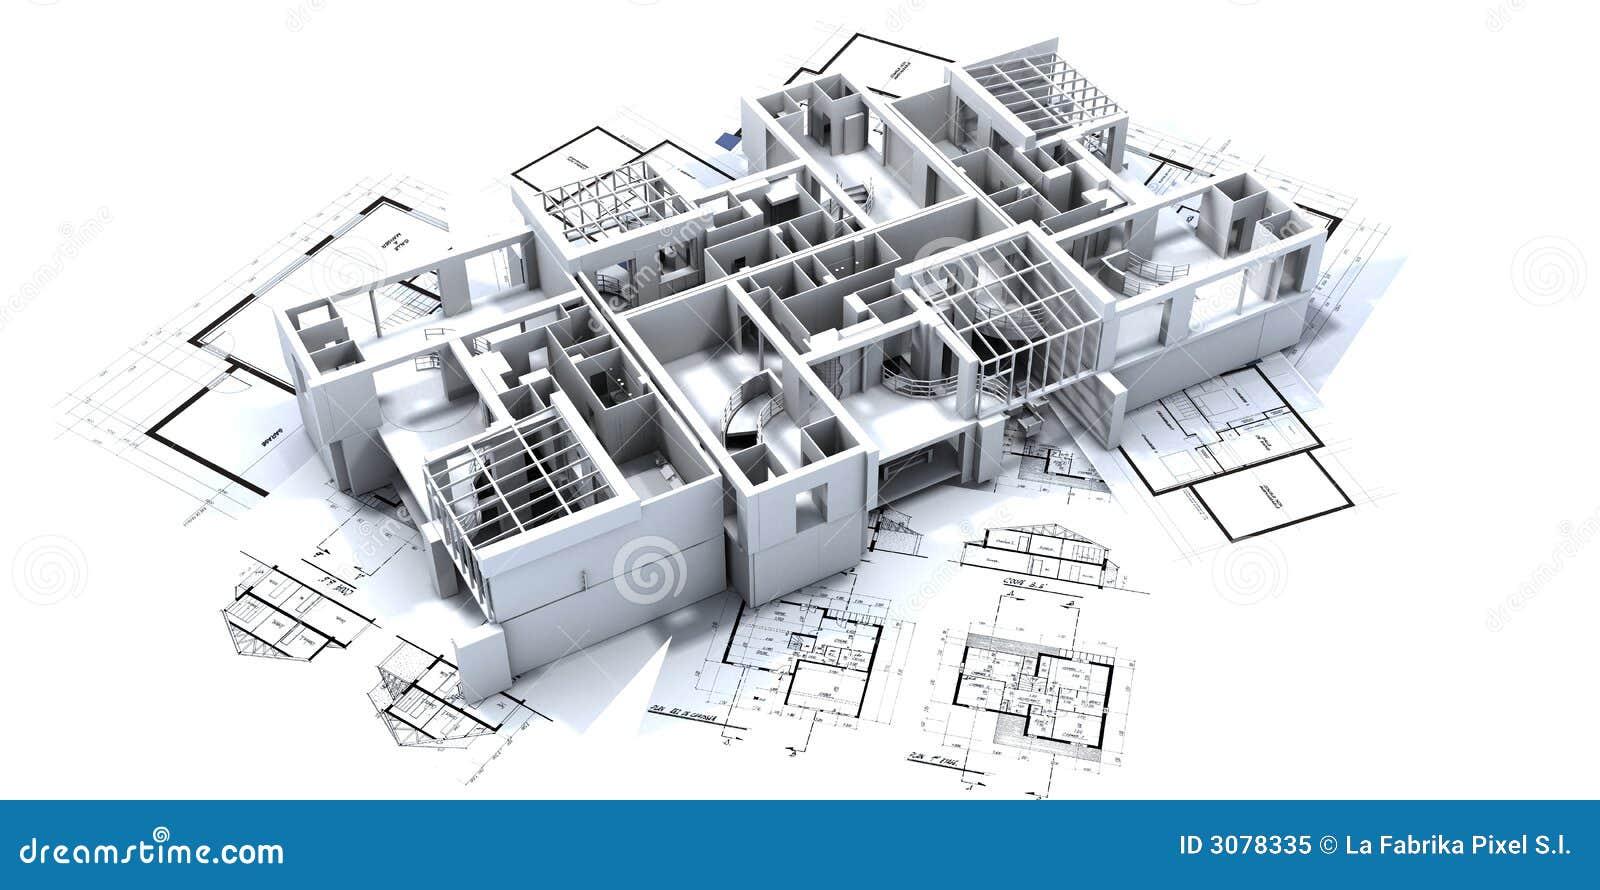 Prototipo y modelo de Appartmen